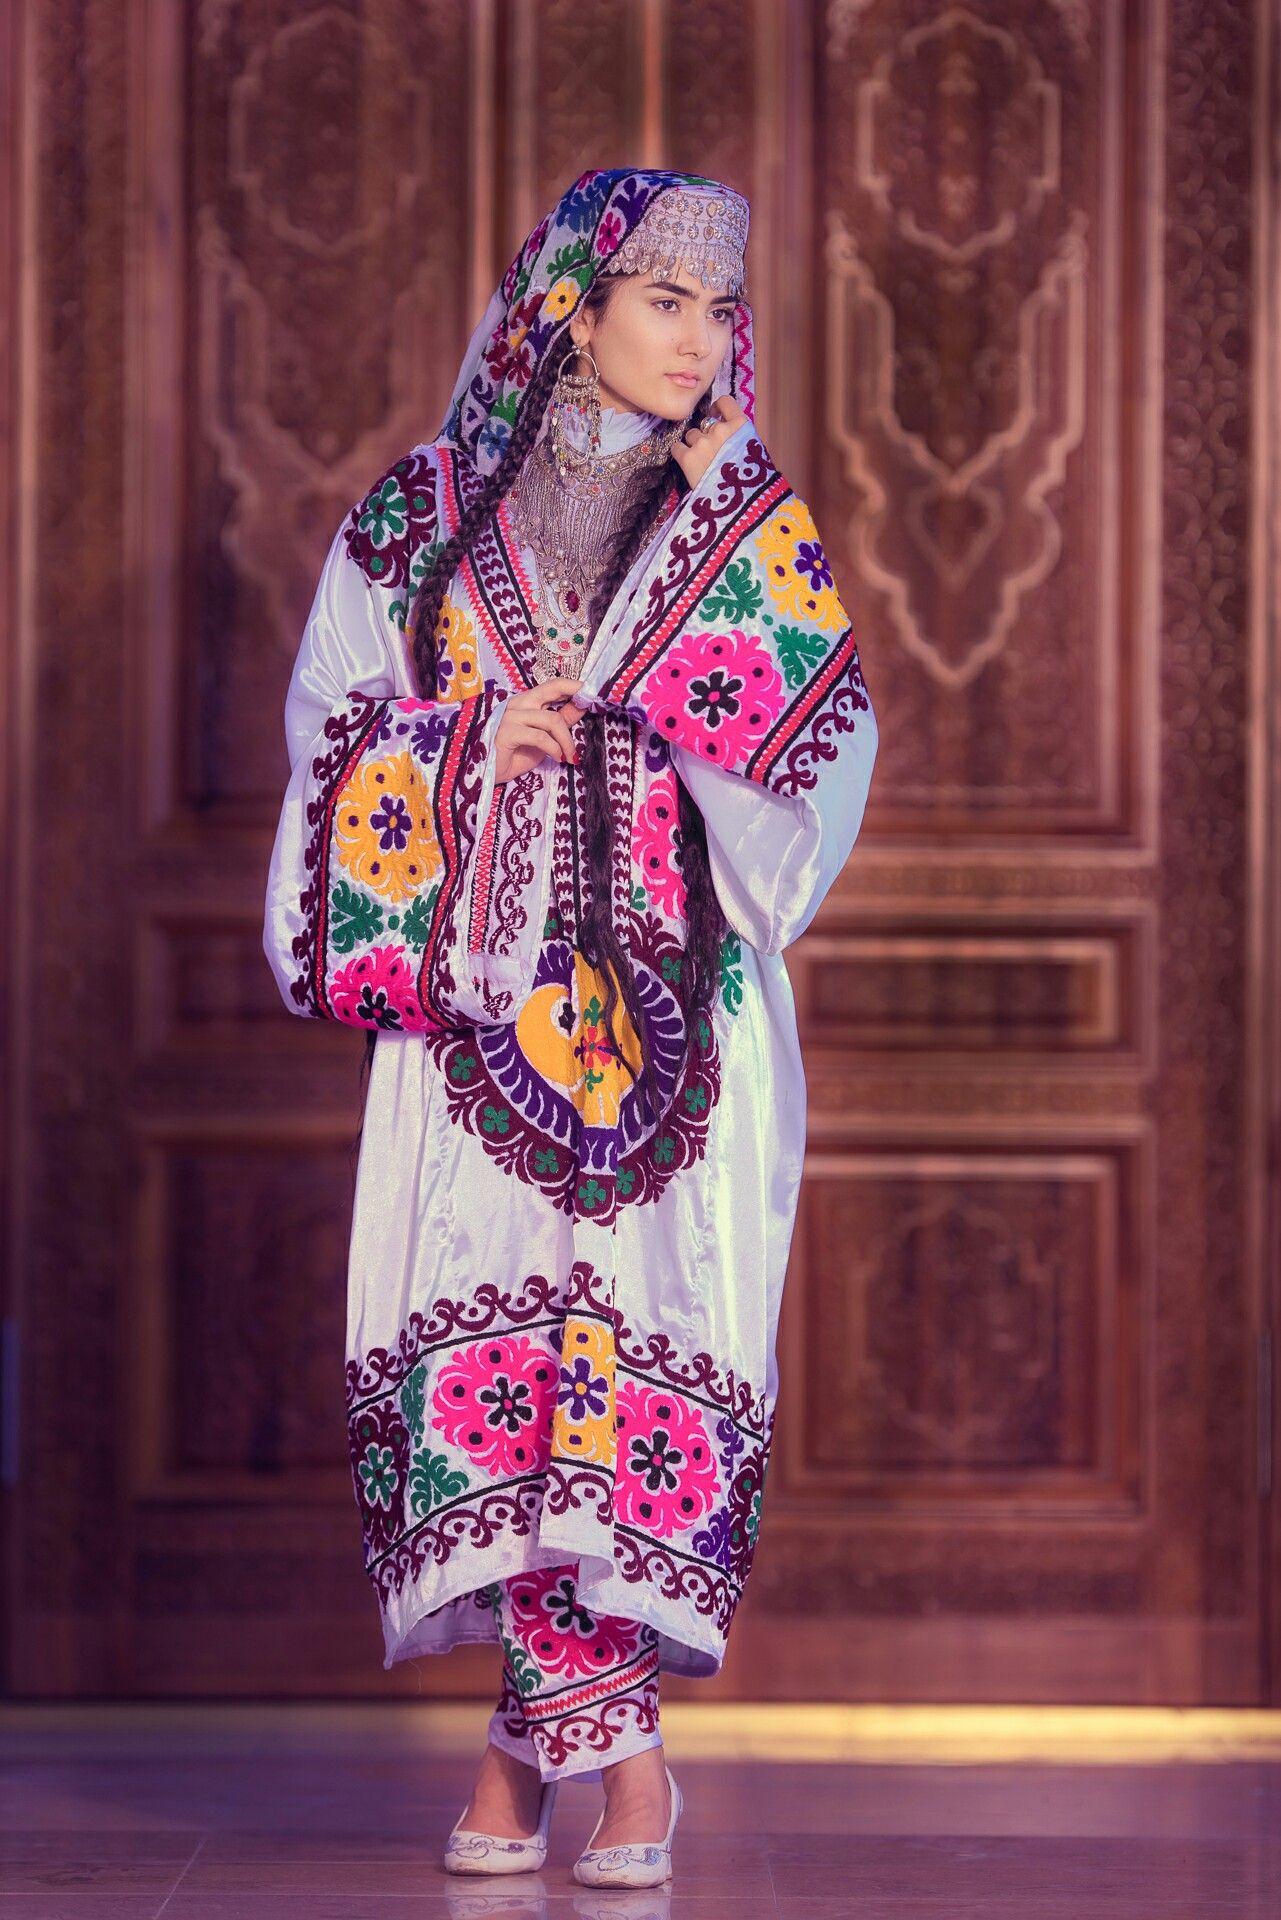 женская таджикская национальная одежда фото словам мэра города